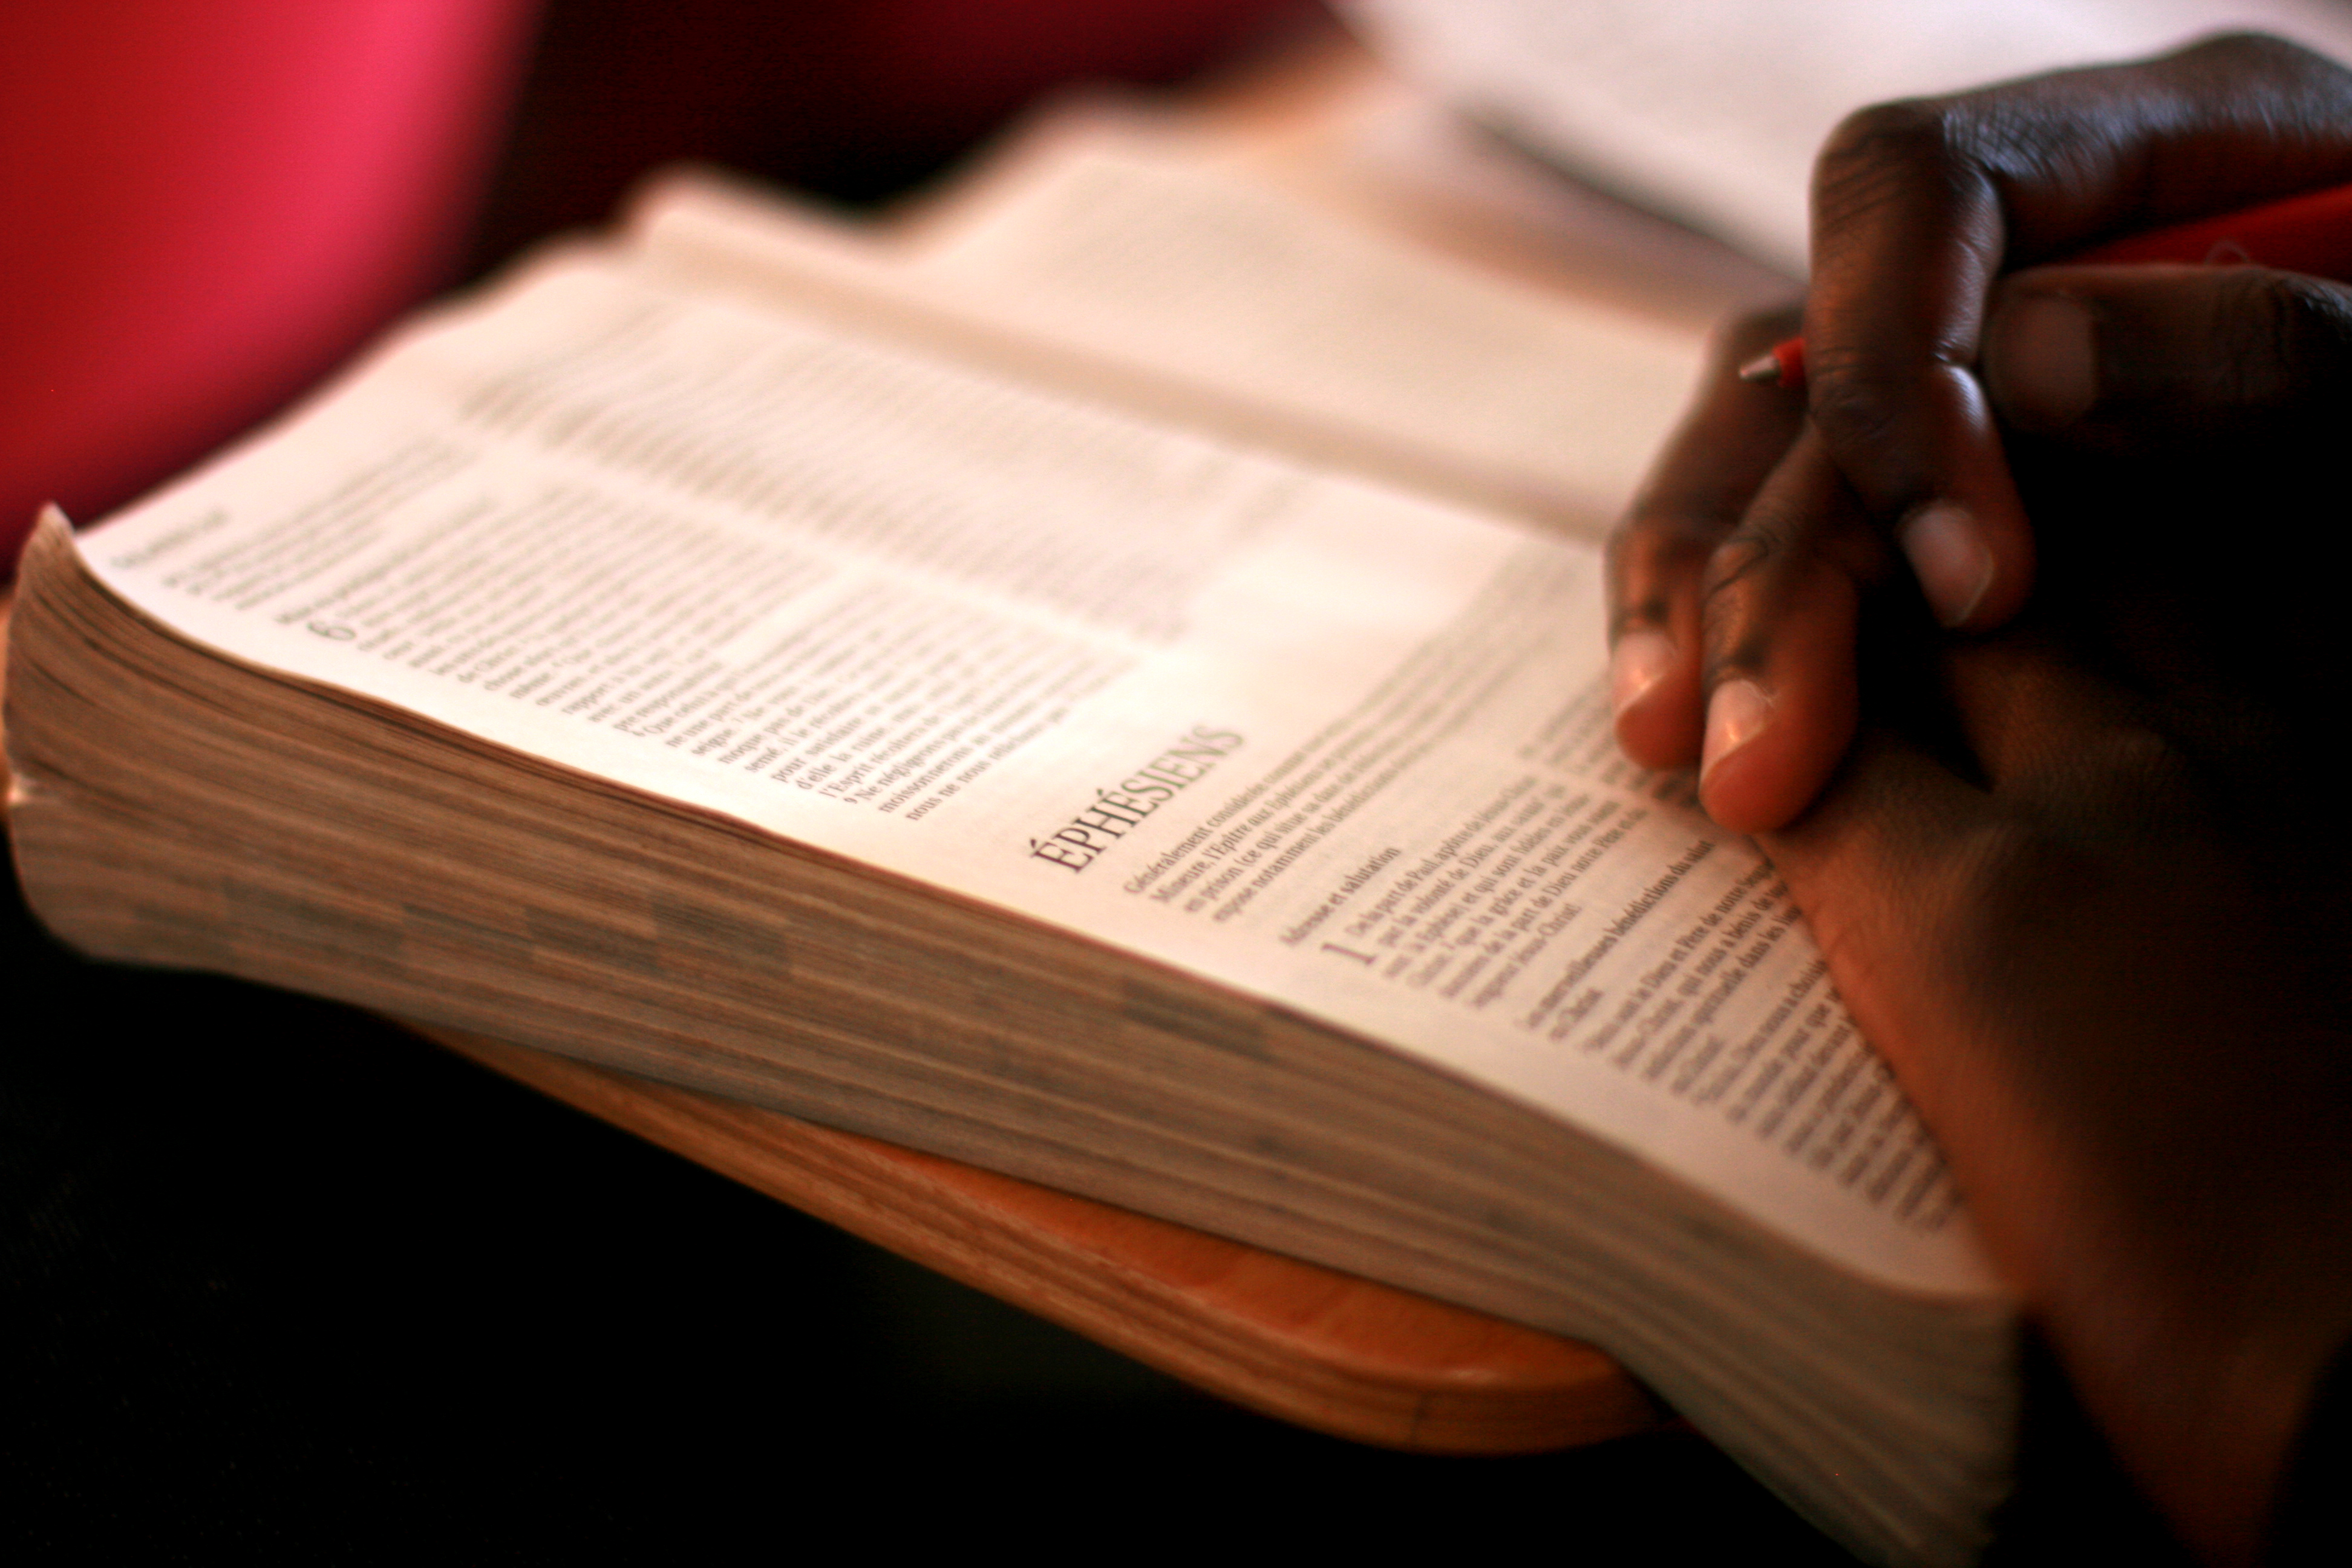 Photographie d'une Bible ouverte